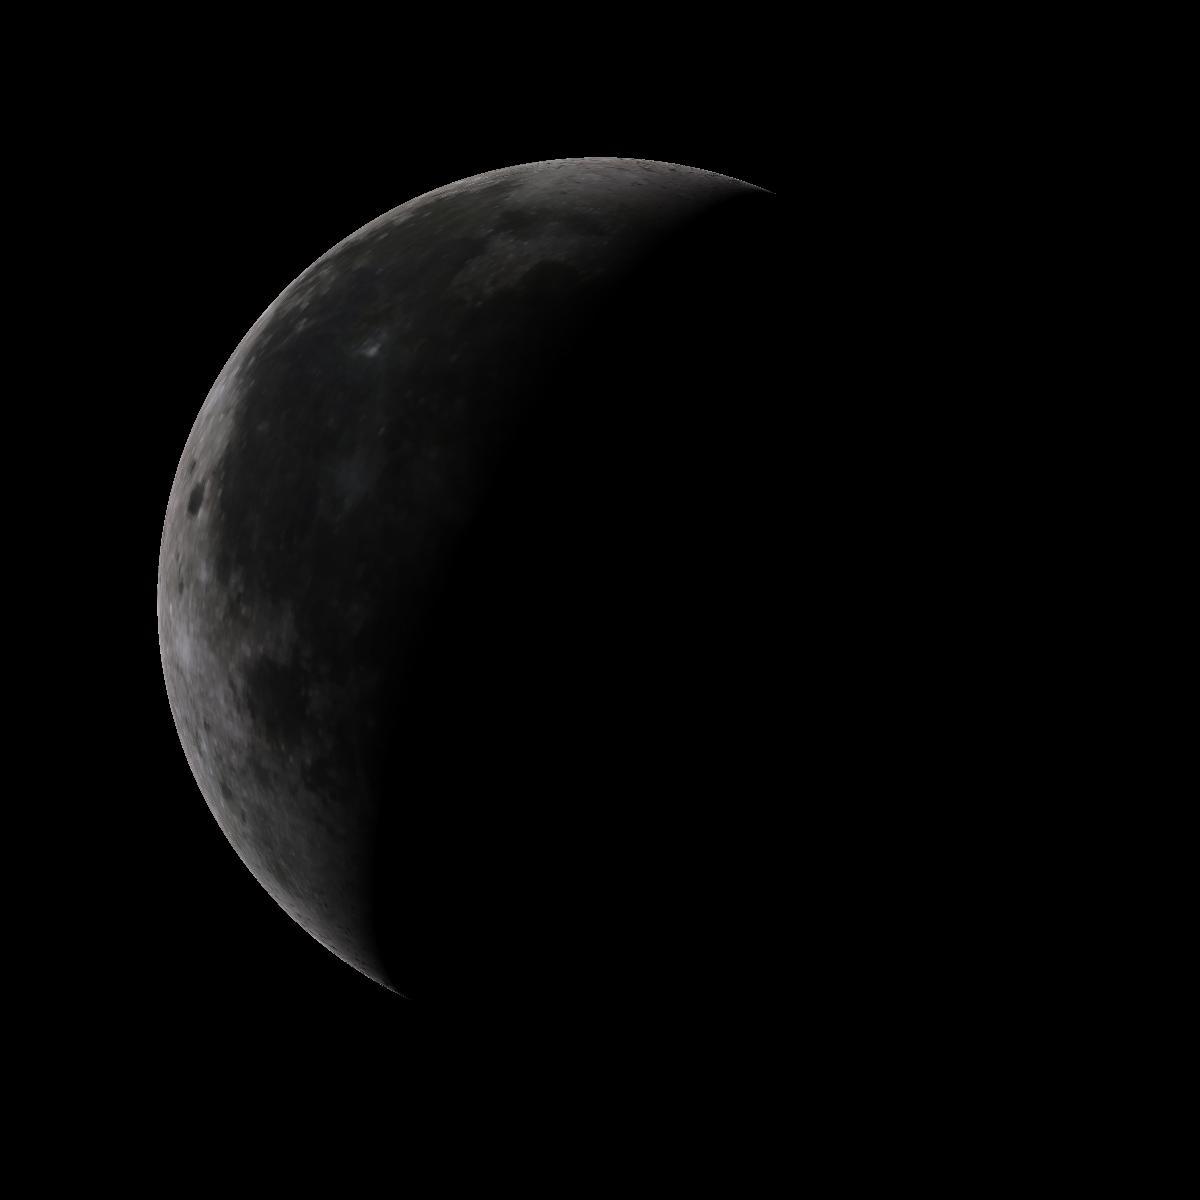 Lune du 15 juin 2020